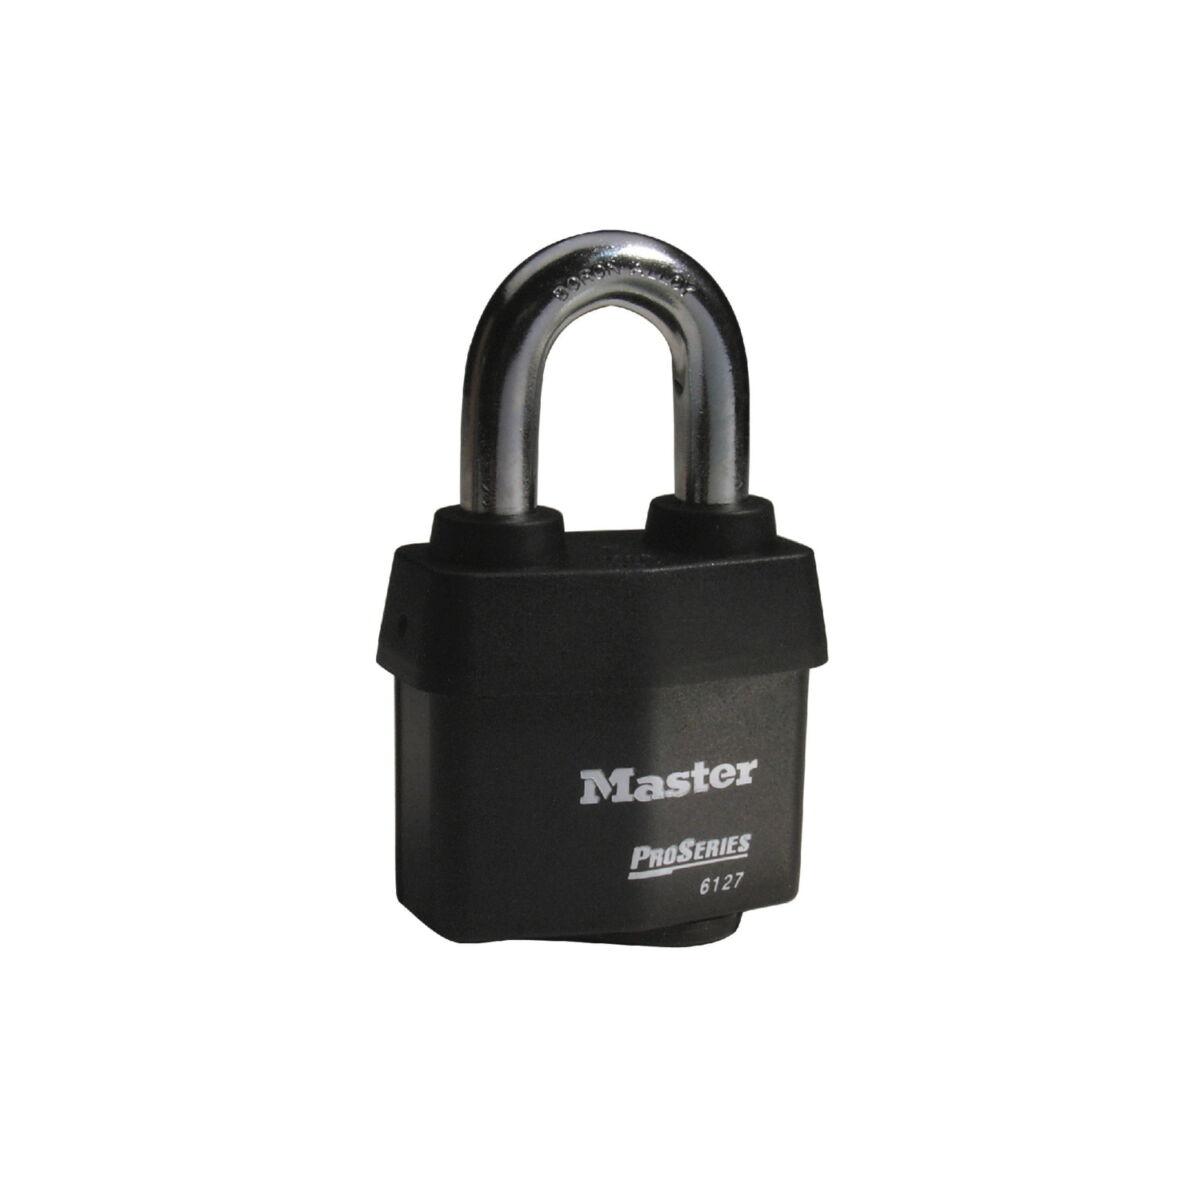 MASTER Pro-Series 6127 – 6127LH – 6127LJ cadenas anti-intempéries